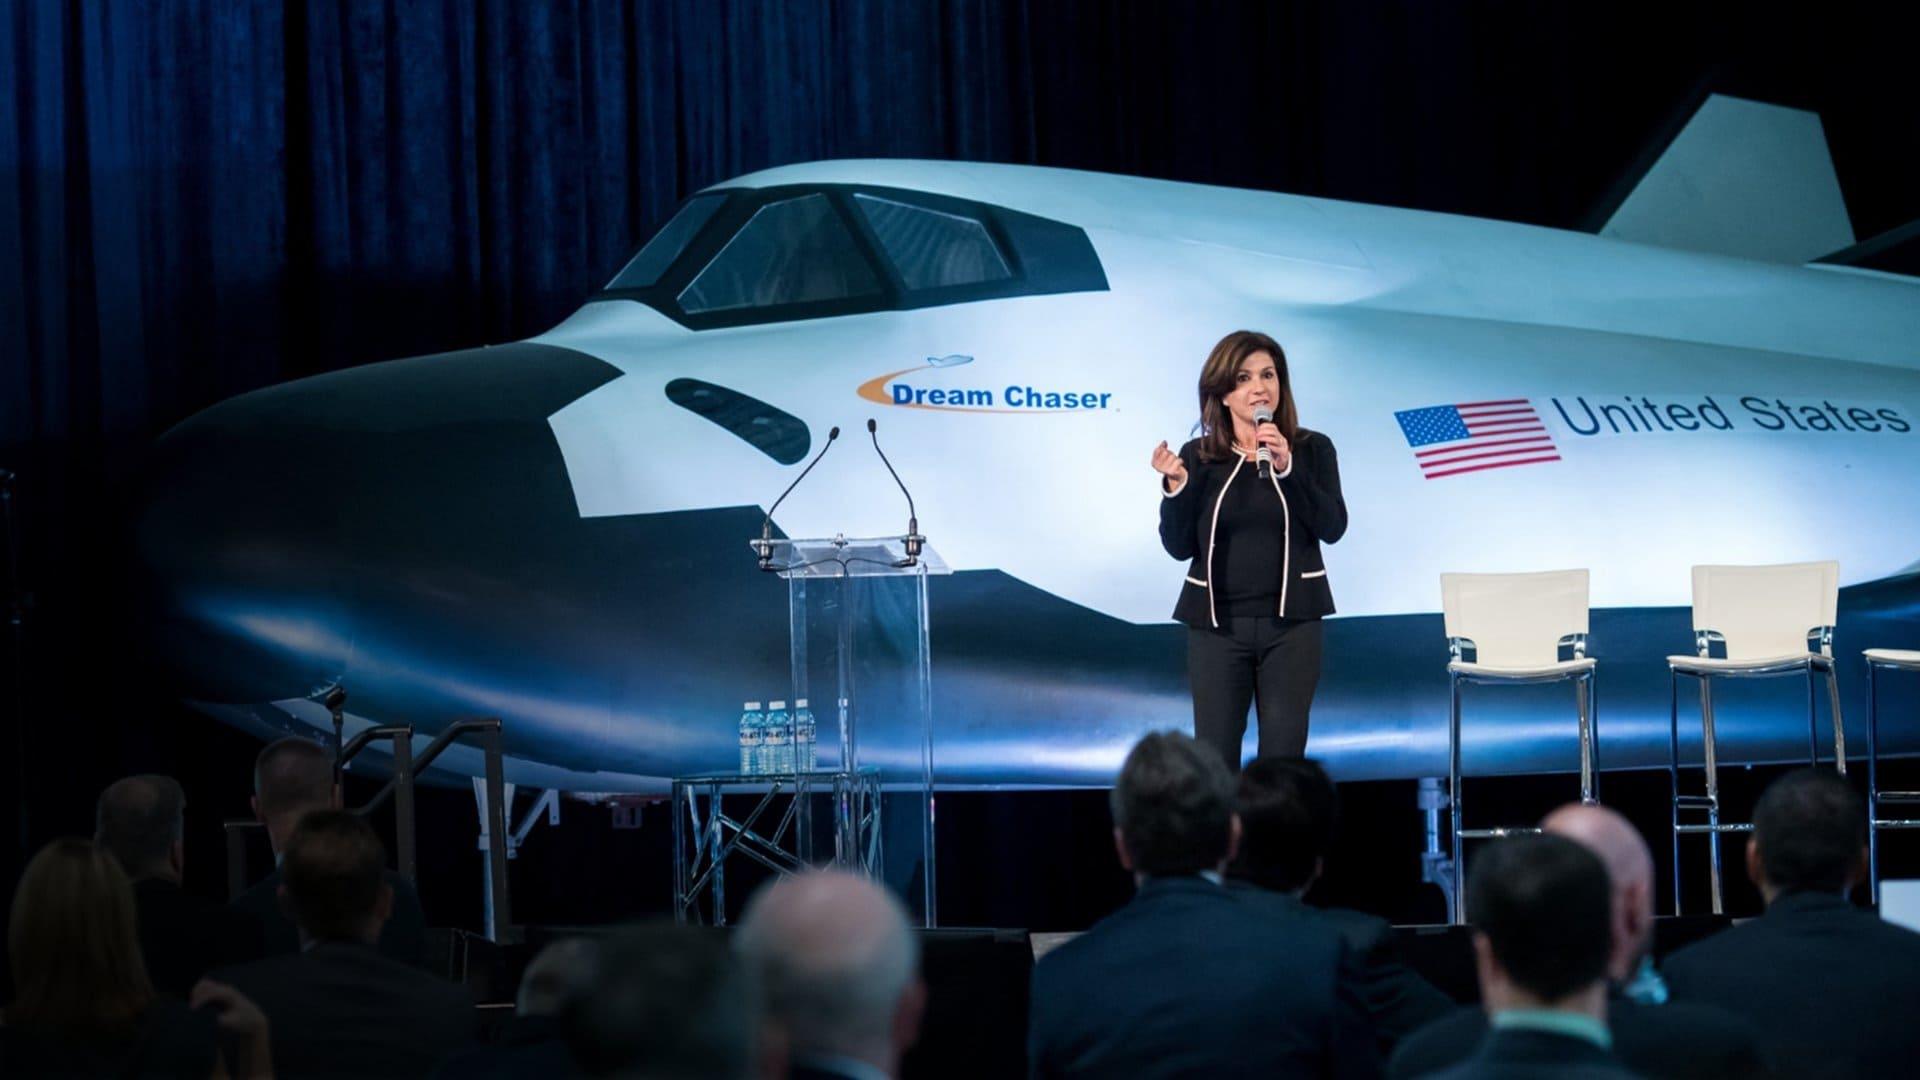 Eren Ozmen standing in front of the Dream Chaser spacecraft